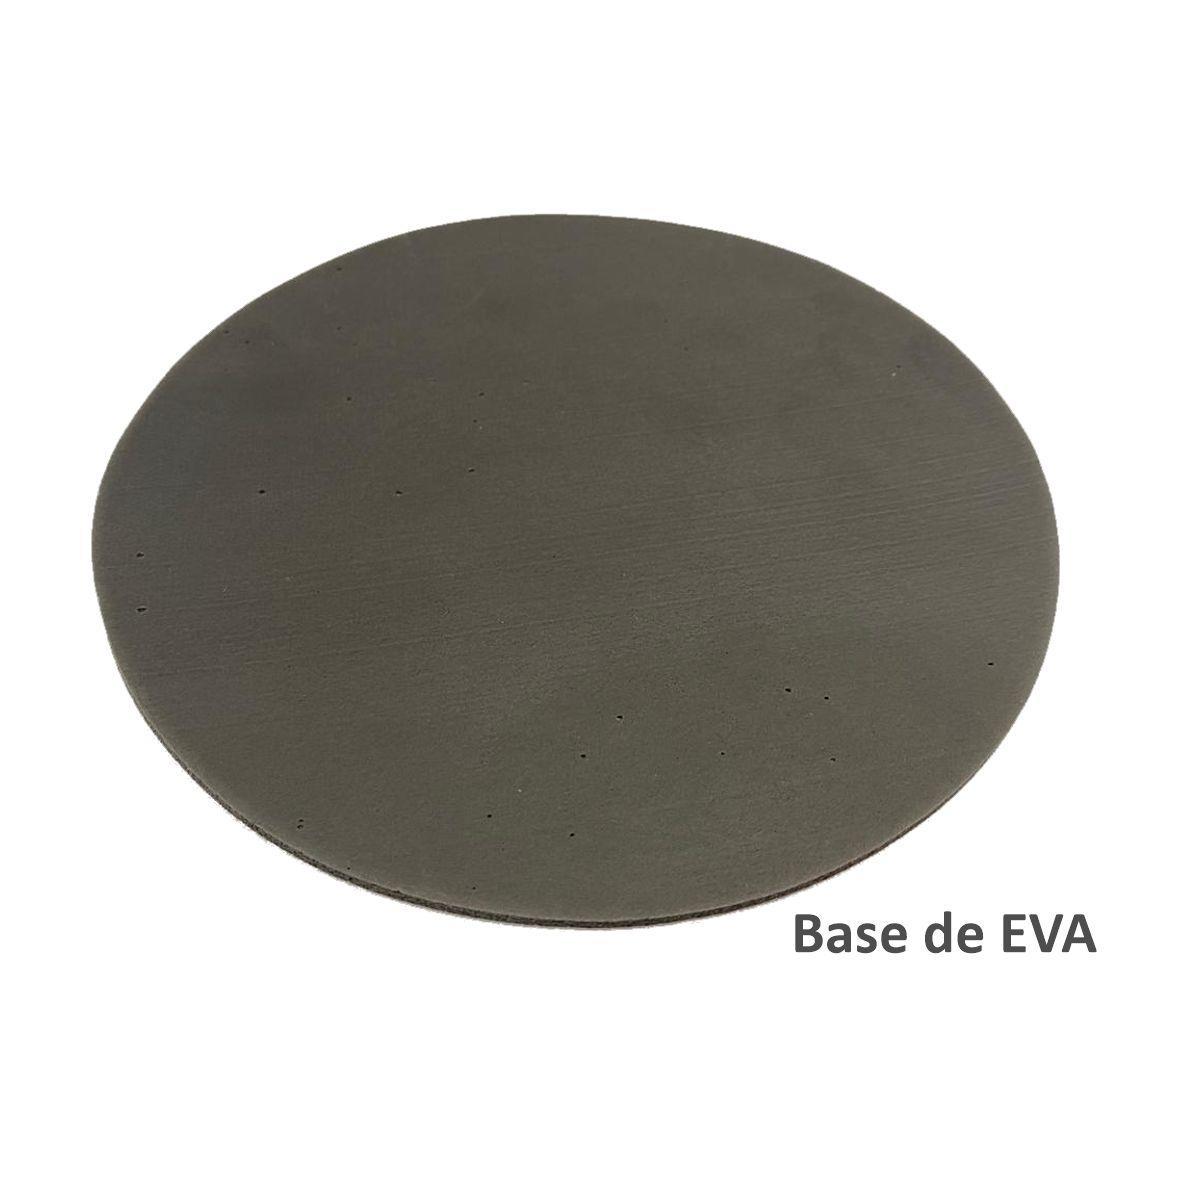 MOUSE PAD BRANCO PARA SUBLIMAÇÃO - MODELO: REDONDO 18CM (BASE DE EVA)